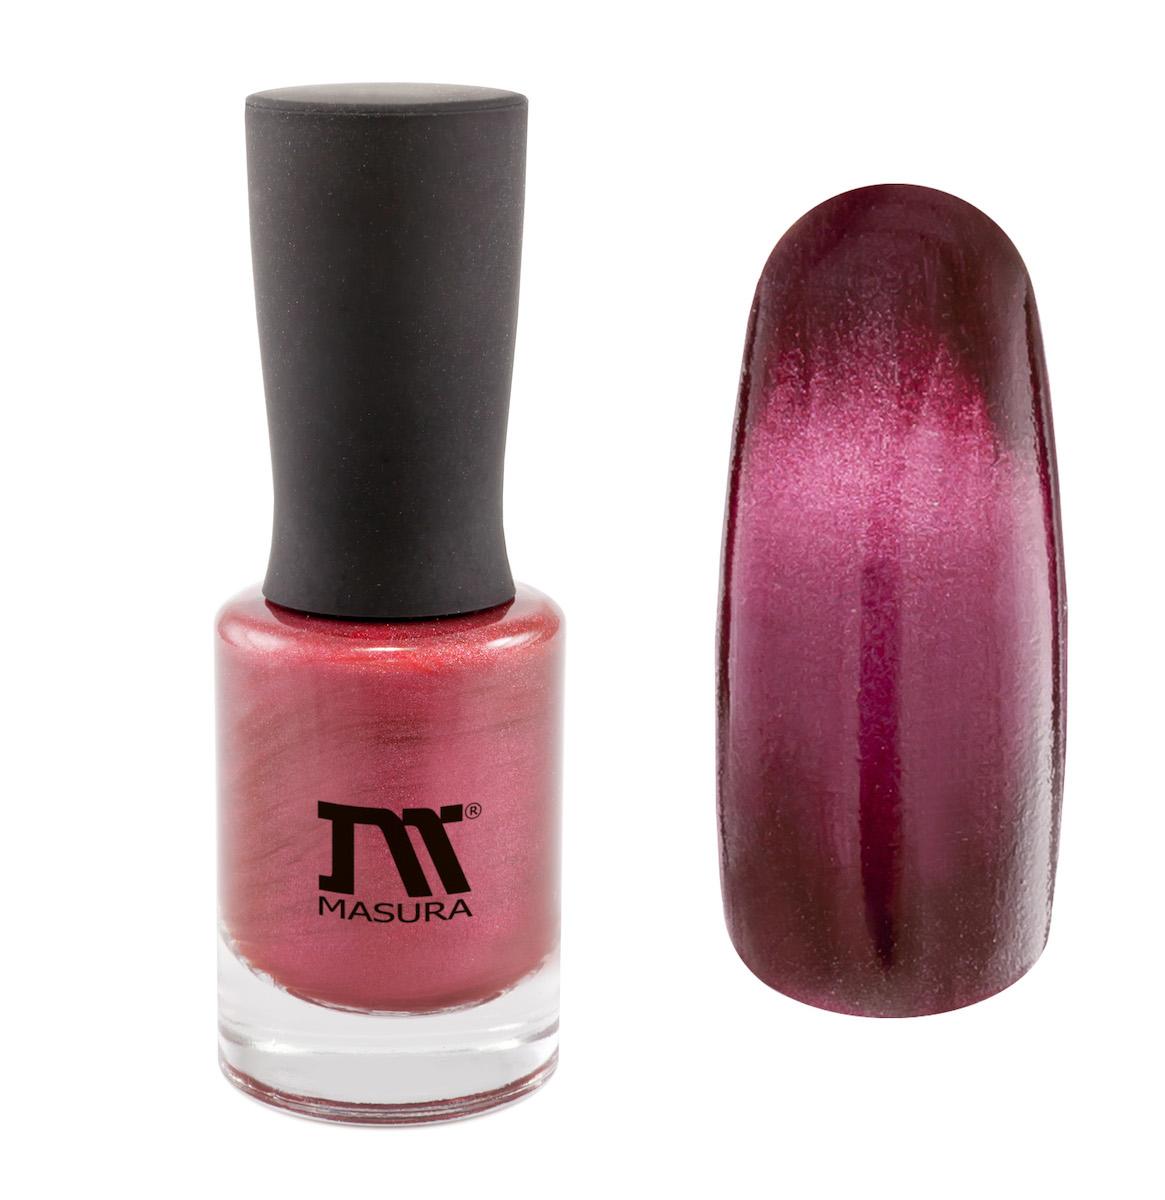 Masura Лак для ногтей Родонит Успеха, 11 мл904-170глубокий вишневый, с розовым подтоном, плотный